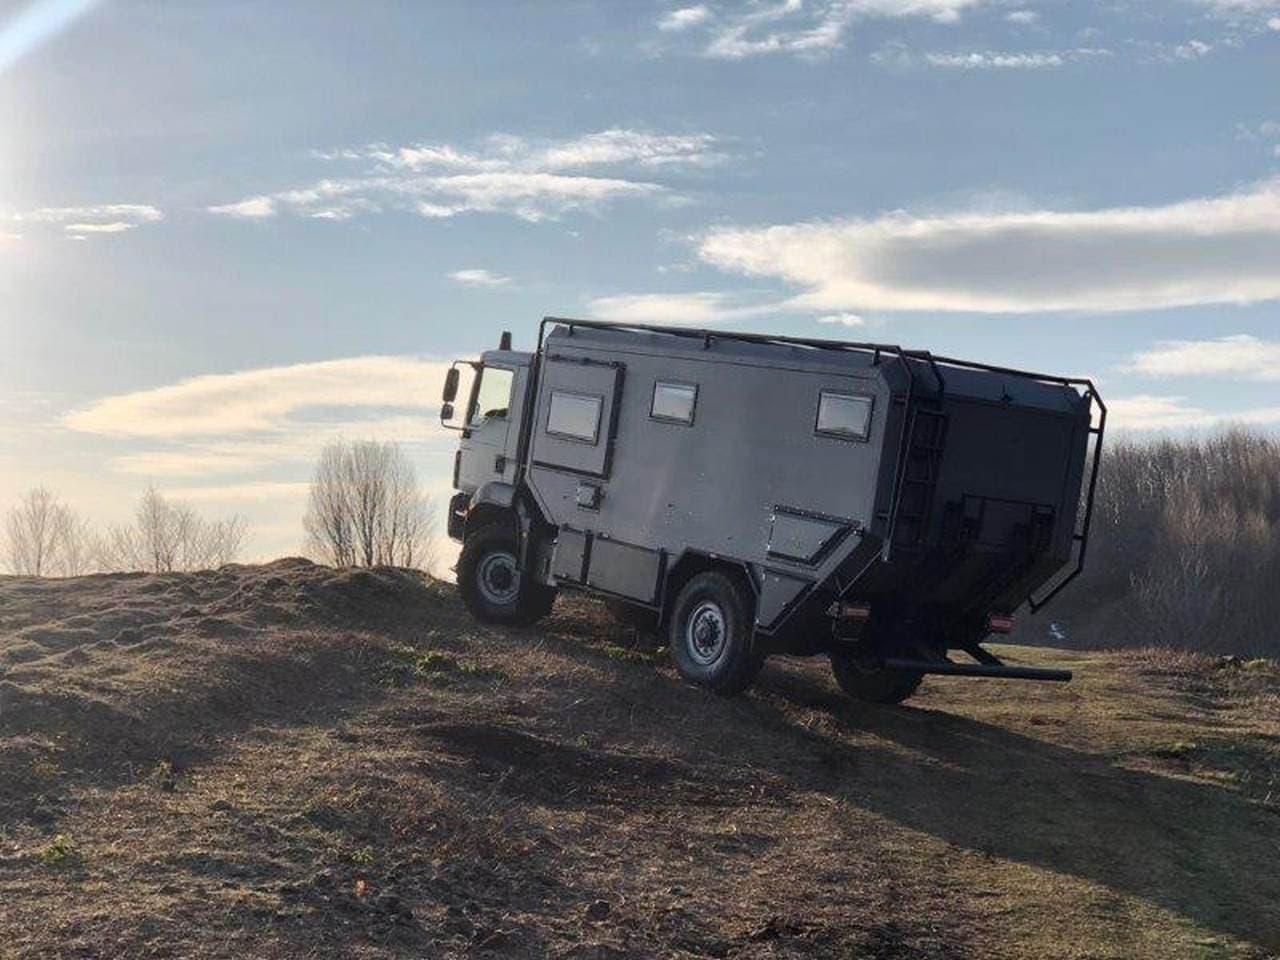 キャンプにもテレワークにも便利なキャンピングカー「Otag 600」